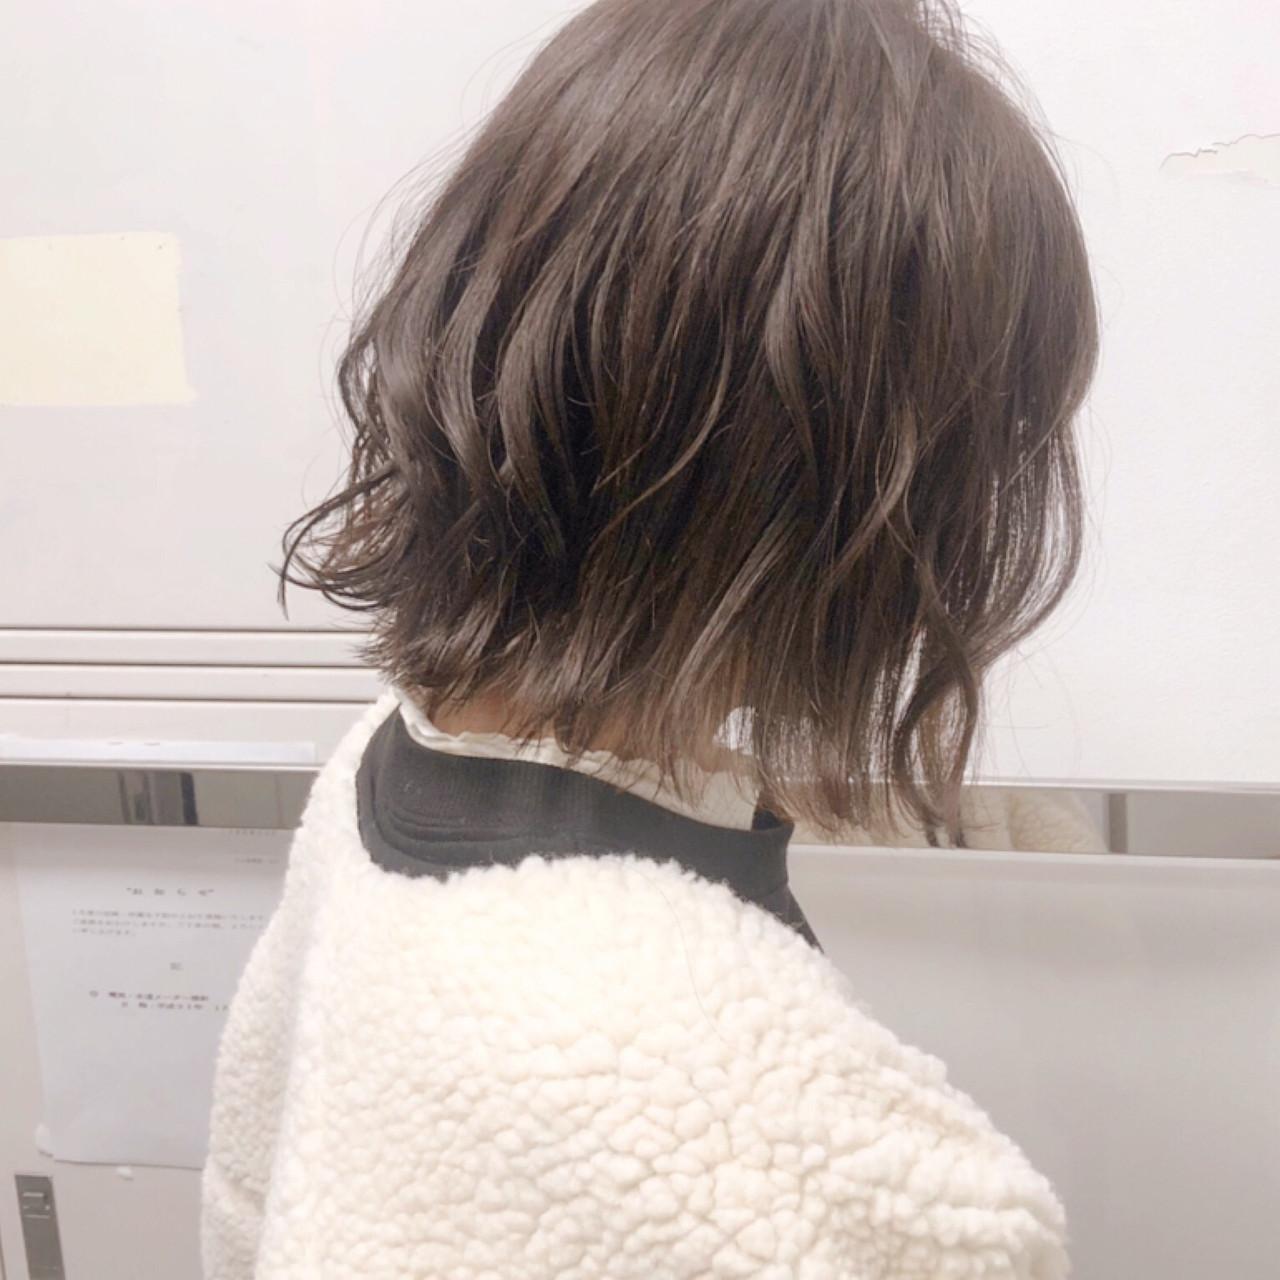 ボブ パーマ アンニュイほつれヘア ヘアアレンジ ヘアスタイルや髪型の写真・画像 | 『ボブ美容師』永田邦彦 表参道 / send by HAIR